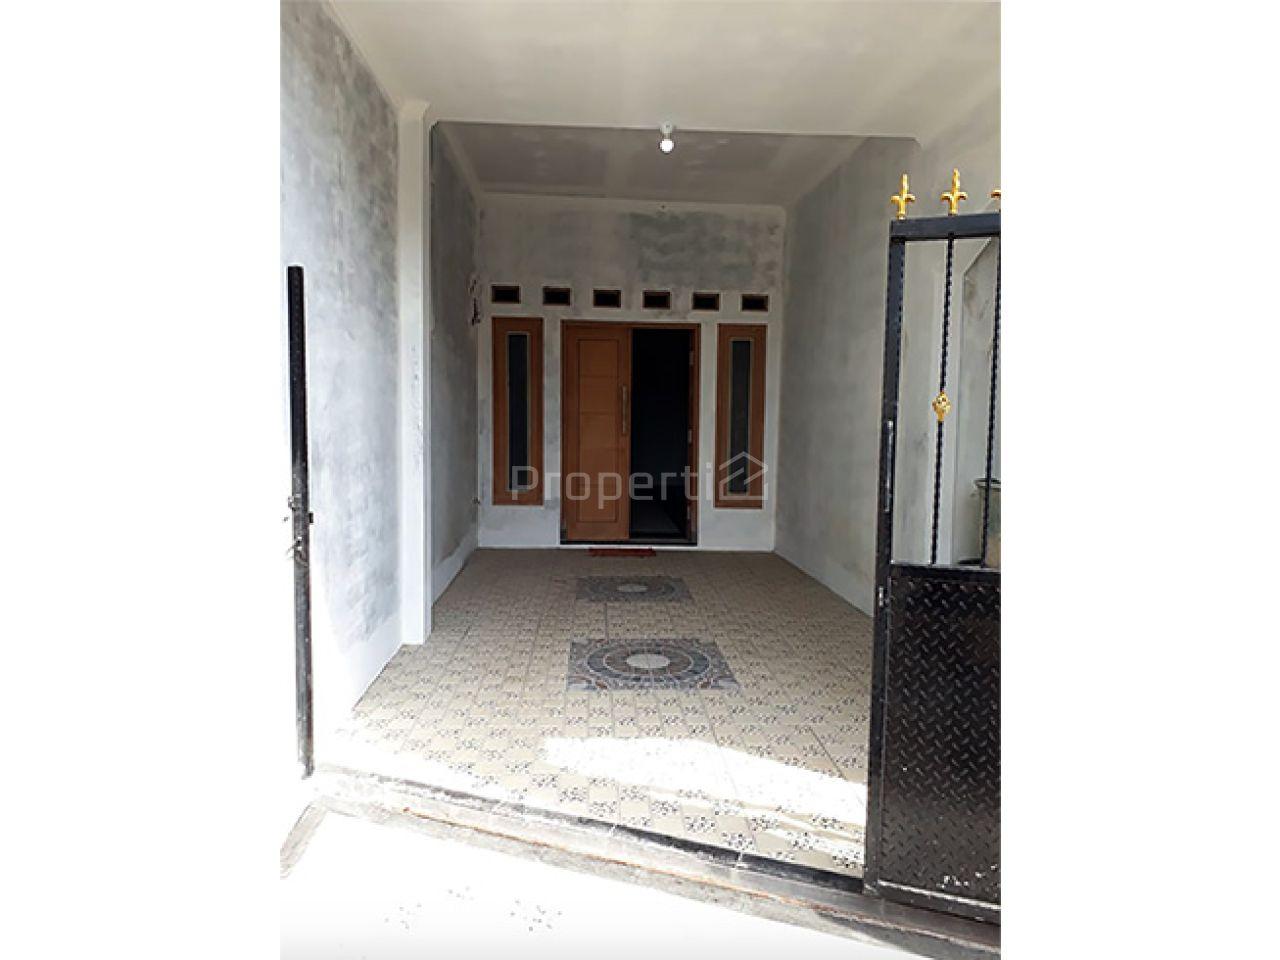 Rumah Baru Sederhana dan Strategis di Cibinong, Jawa Barat